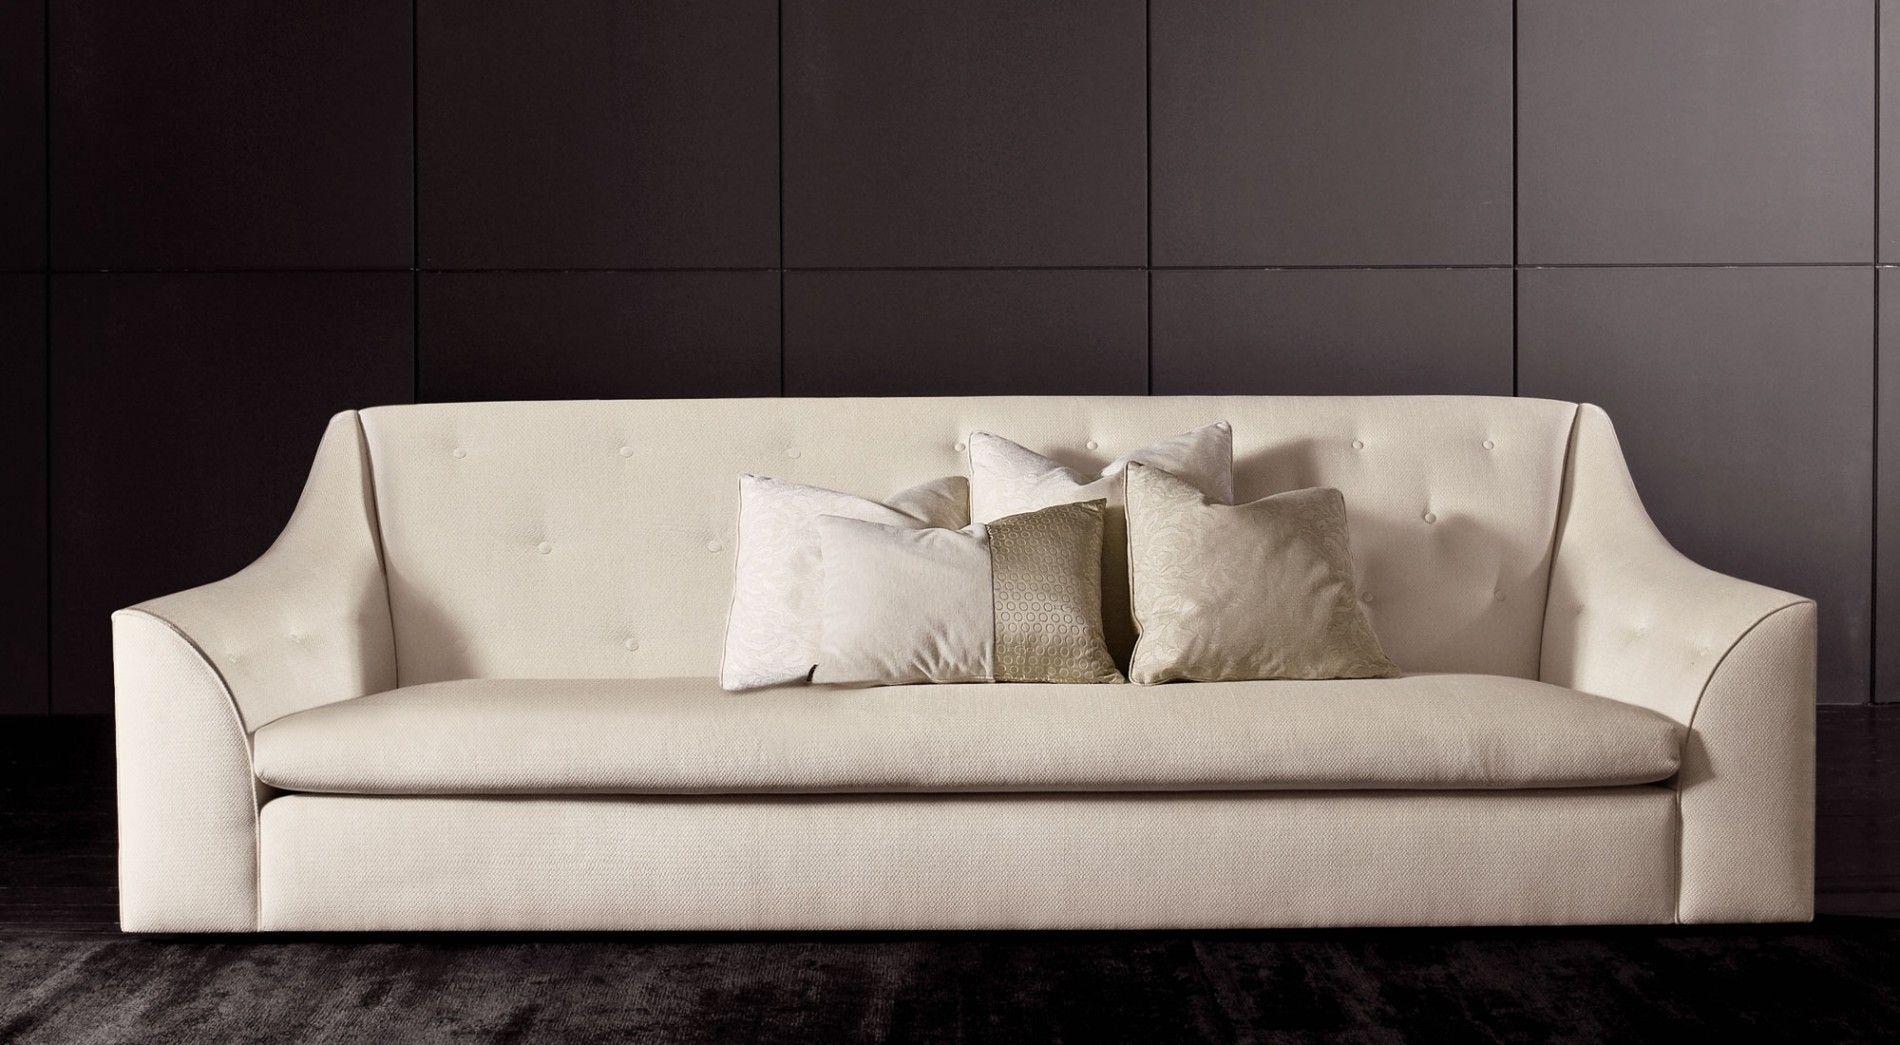 Divano Multicolor ~ Divano letto sempre mondo convenienza home ideas living room